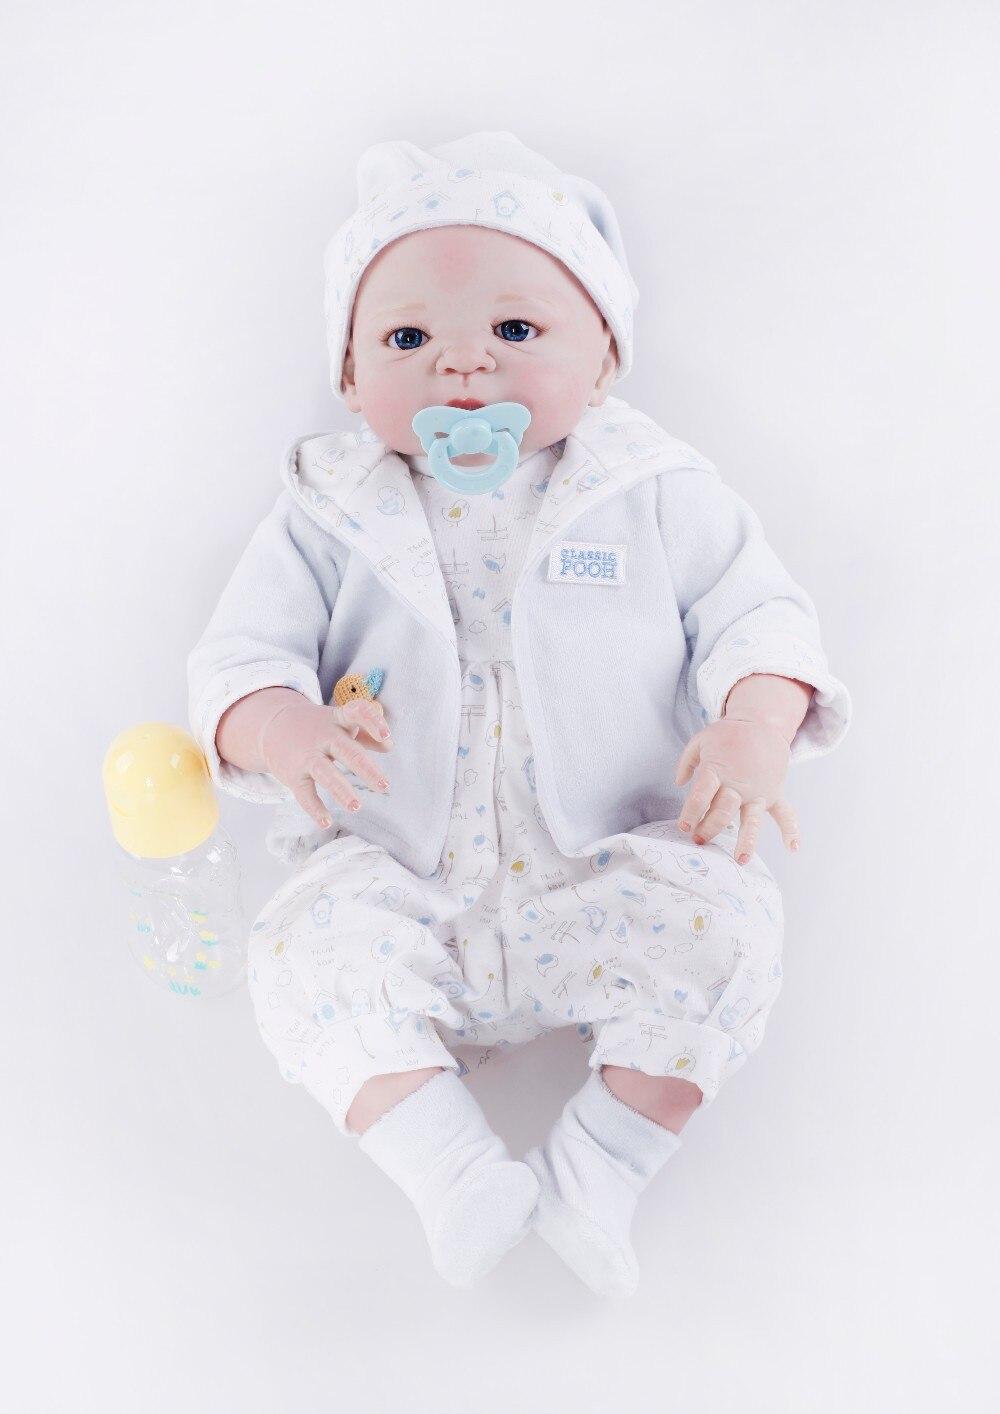 22 pouces corps En Silicone reborn bébé poupée jouets haut de gamme nouveau-né garçon bebe poupée enfant brithday cadeau baignade douche jouer maison jouet